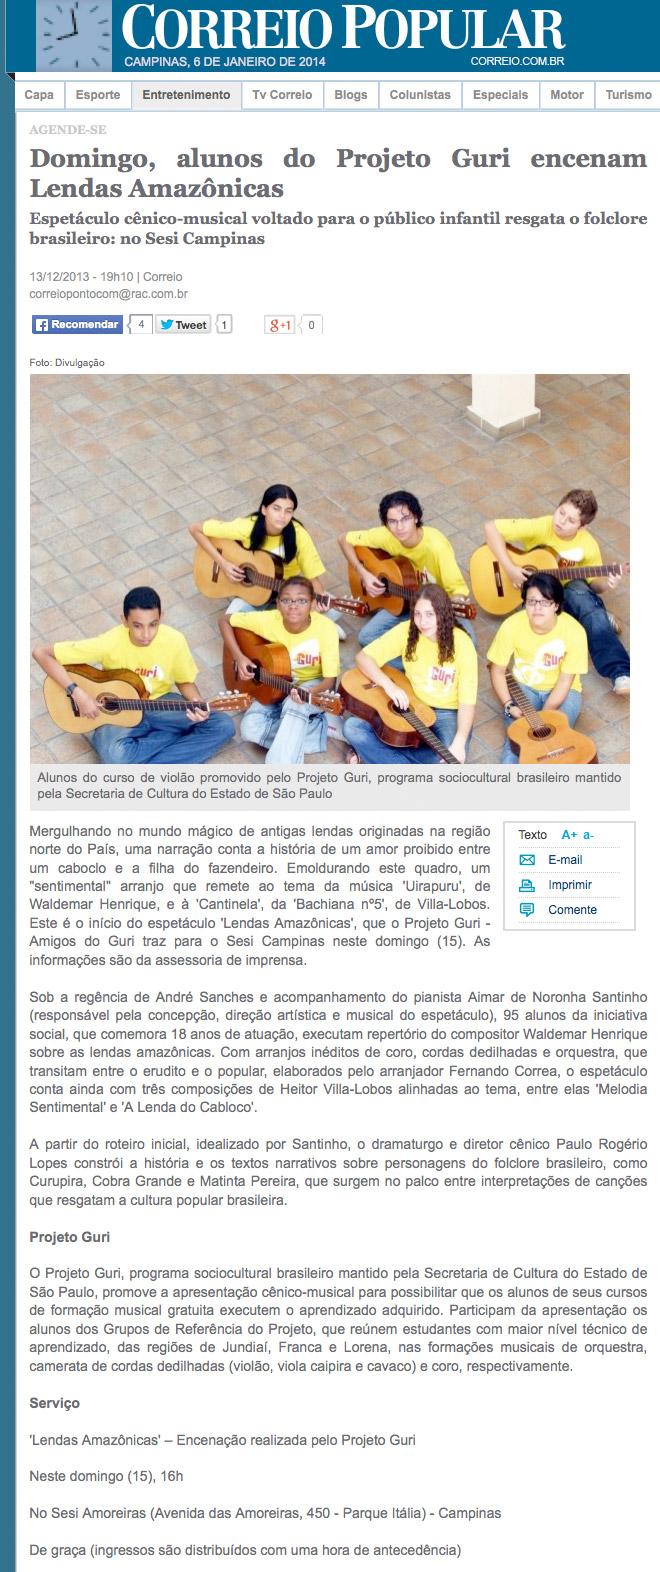 correio_popular